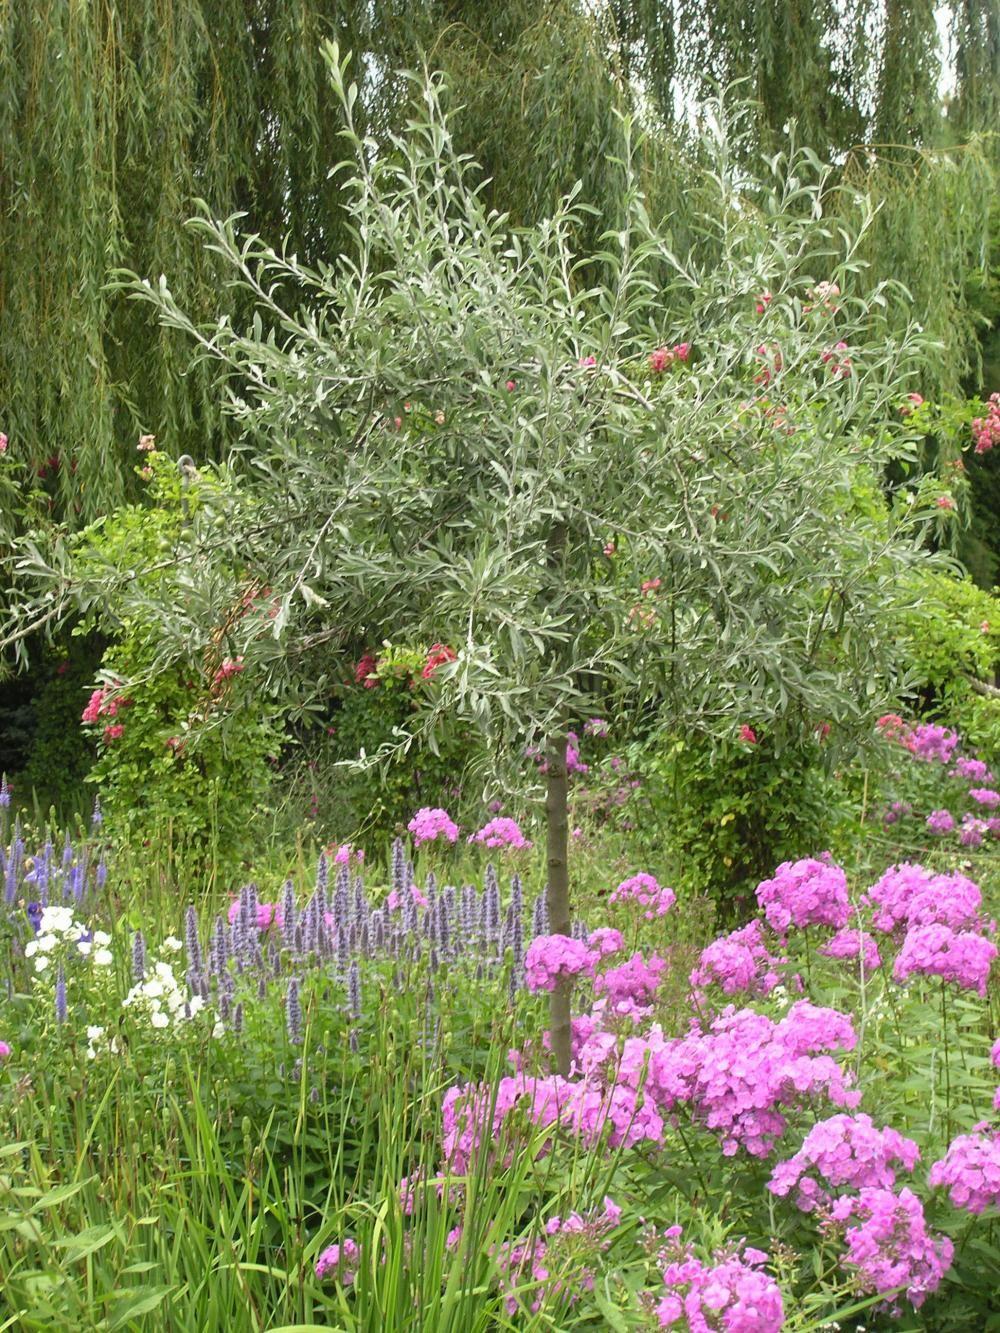 Hochstammchen Fur Den Garten Winterharte Pflanzen Garten Baume Garten Pflanzen